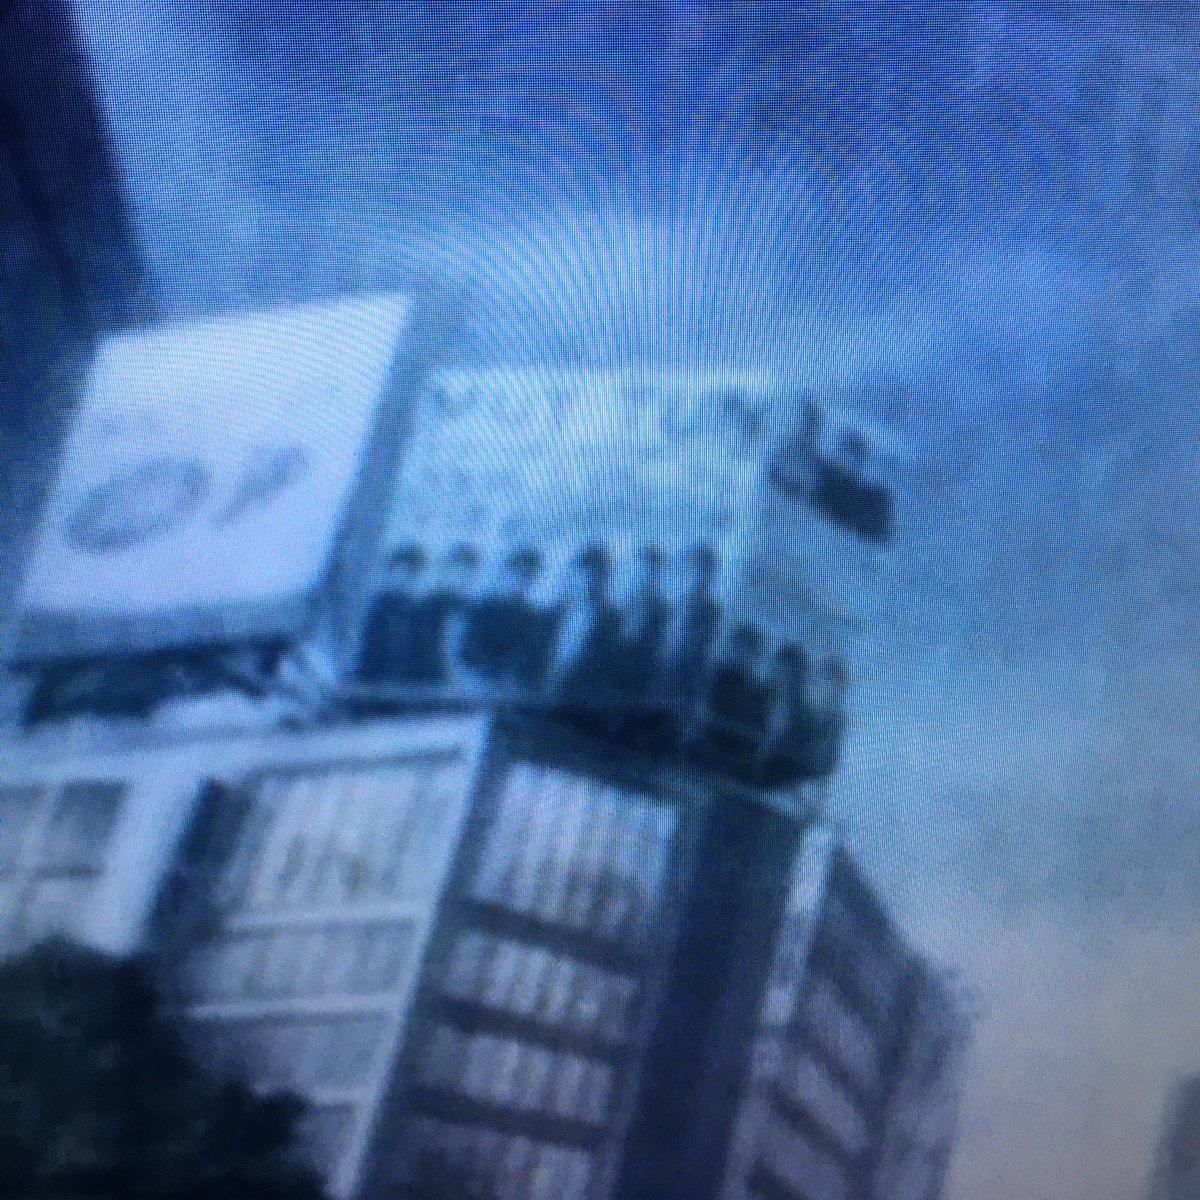 うたプリで突然KAT-TUN(MUT-TUN)10daysのポスター映って、号泣してる